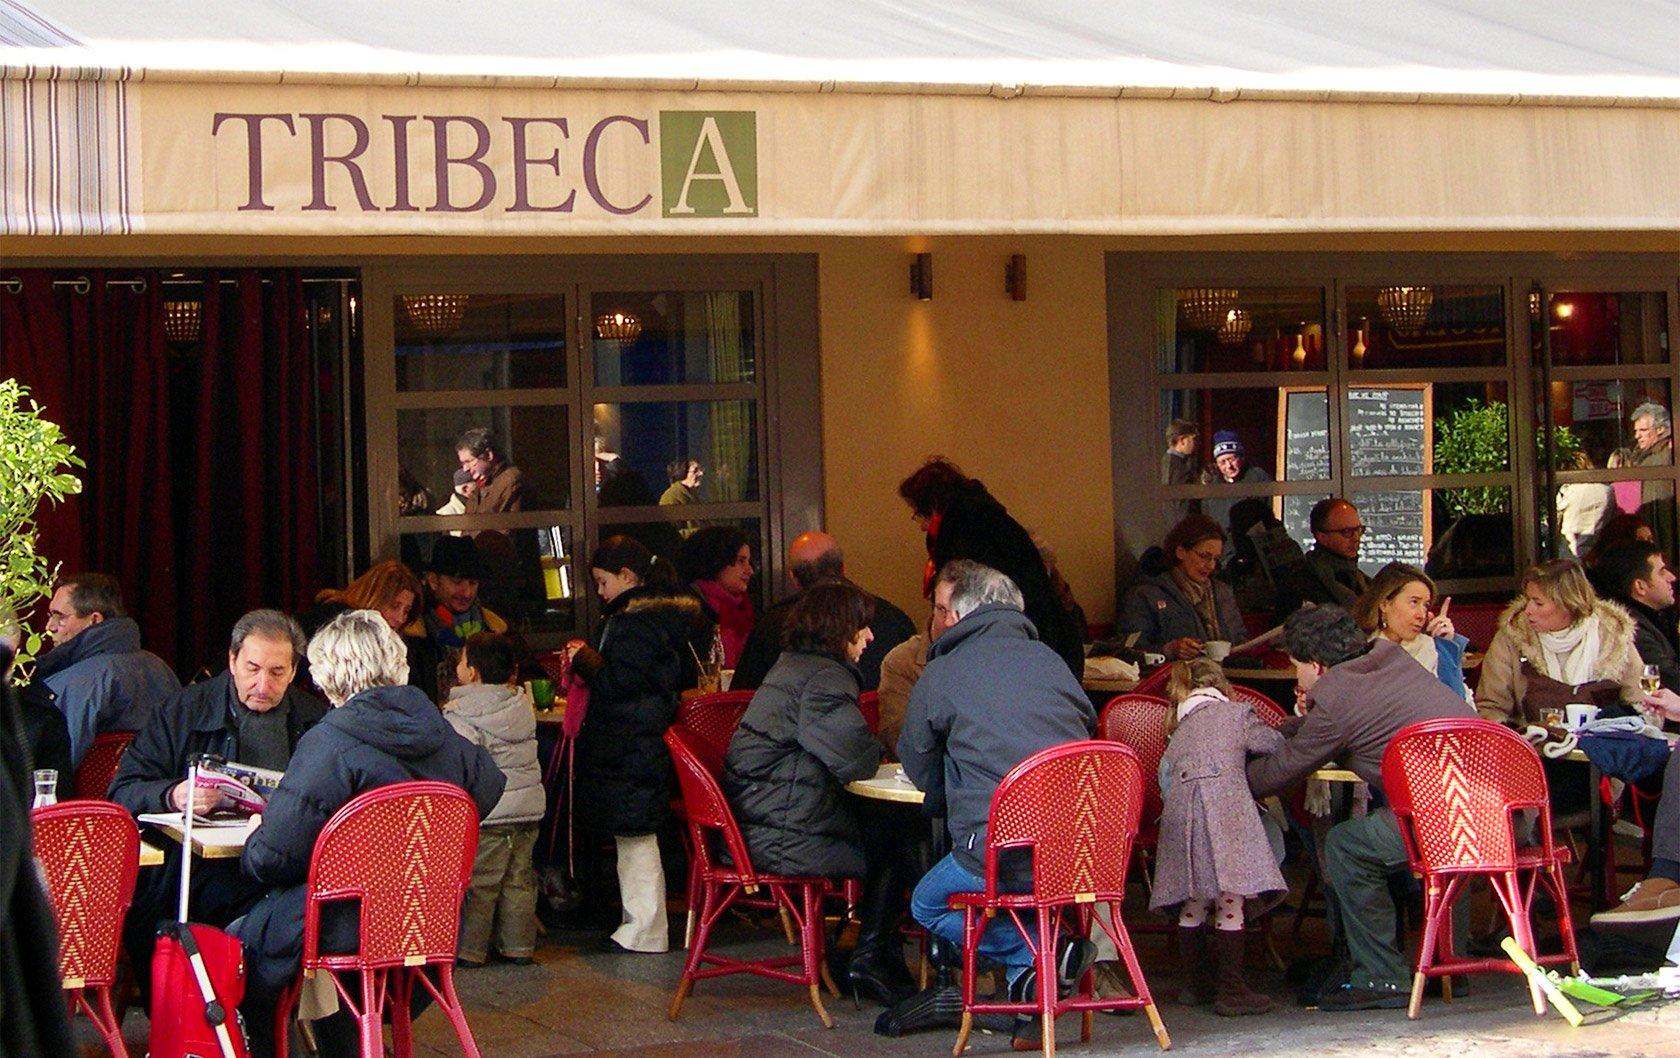 tribeca-cafe